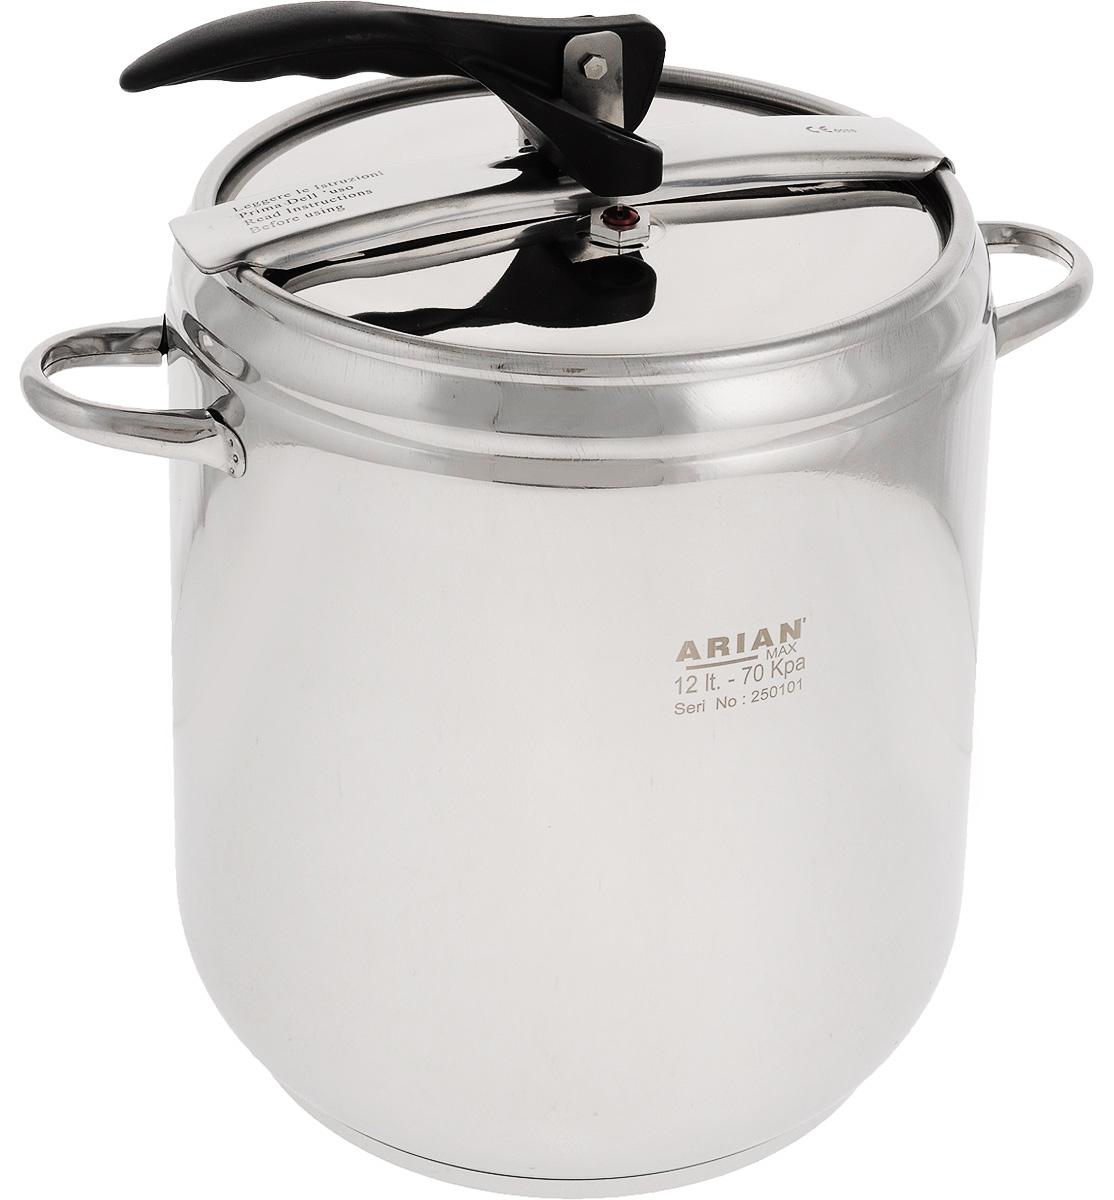 Скороварка Arian, 12 л800-12Скороварка Arian выполнена из высококачественной нержавеющей стали с зеркальной полировкой. Изделие оснащено толстым трехслойным капсульным дном, обеспечивающим равномерный нагрев и длительное сохранение тепла. Приготовление пищи в скороварке имеет массу преимуществ по сравнению с обычными способами варки в кастрюле. Время приготовления значительно сокращается, так как процесс происходит при повышенном давлении. При приготовлении пищи в скороварке сохраняется первоначальное количество жидкости - не происходит выпаривания. В процессе приготовления резко пахнущих продуктов (например, некоторых сортов рыбы) запах почти не распространяется. Крышка герметично закрывается. При этом пар выходит наружу только через клапан, поддерживающий повышенные давление и температуру внутри скороварки. Посуда функциональна и практична в использовании, является незаменимым помощником в приготовлении первых и вторых блюд из различных продуктов. Подходит для...